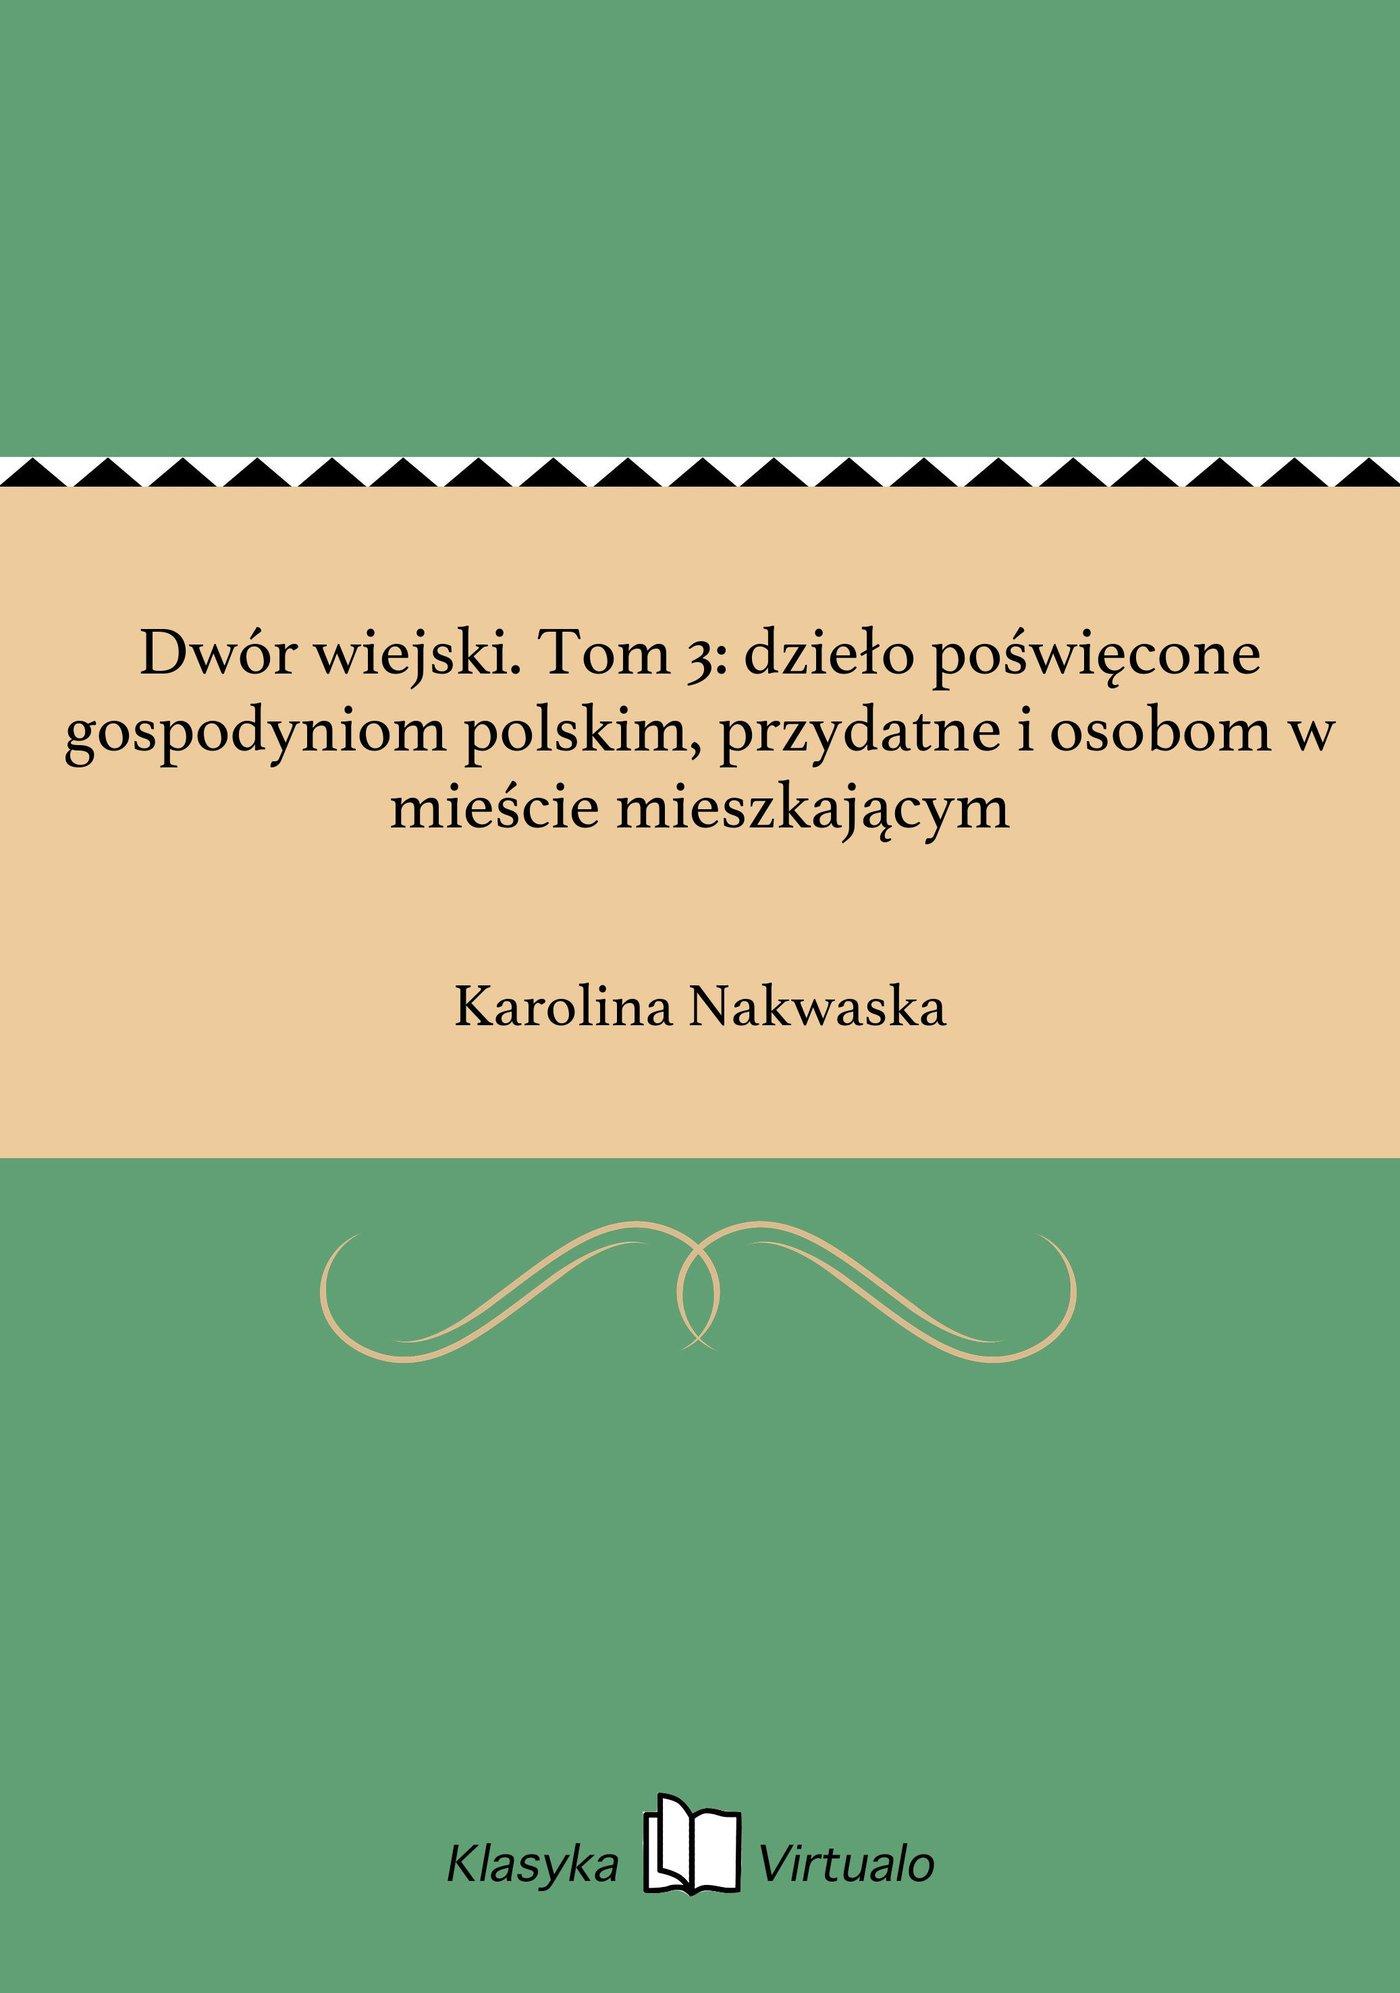 Dwór wiejski. Tom 3: dzieło poświęcone gospodyniom polskim, przydatne i osobom w mieście mieszkającym - Ebook (Książka EPUB) do pobrania w formacie EPUB